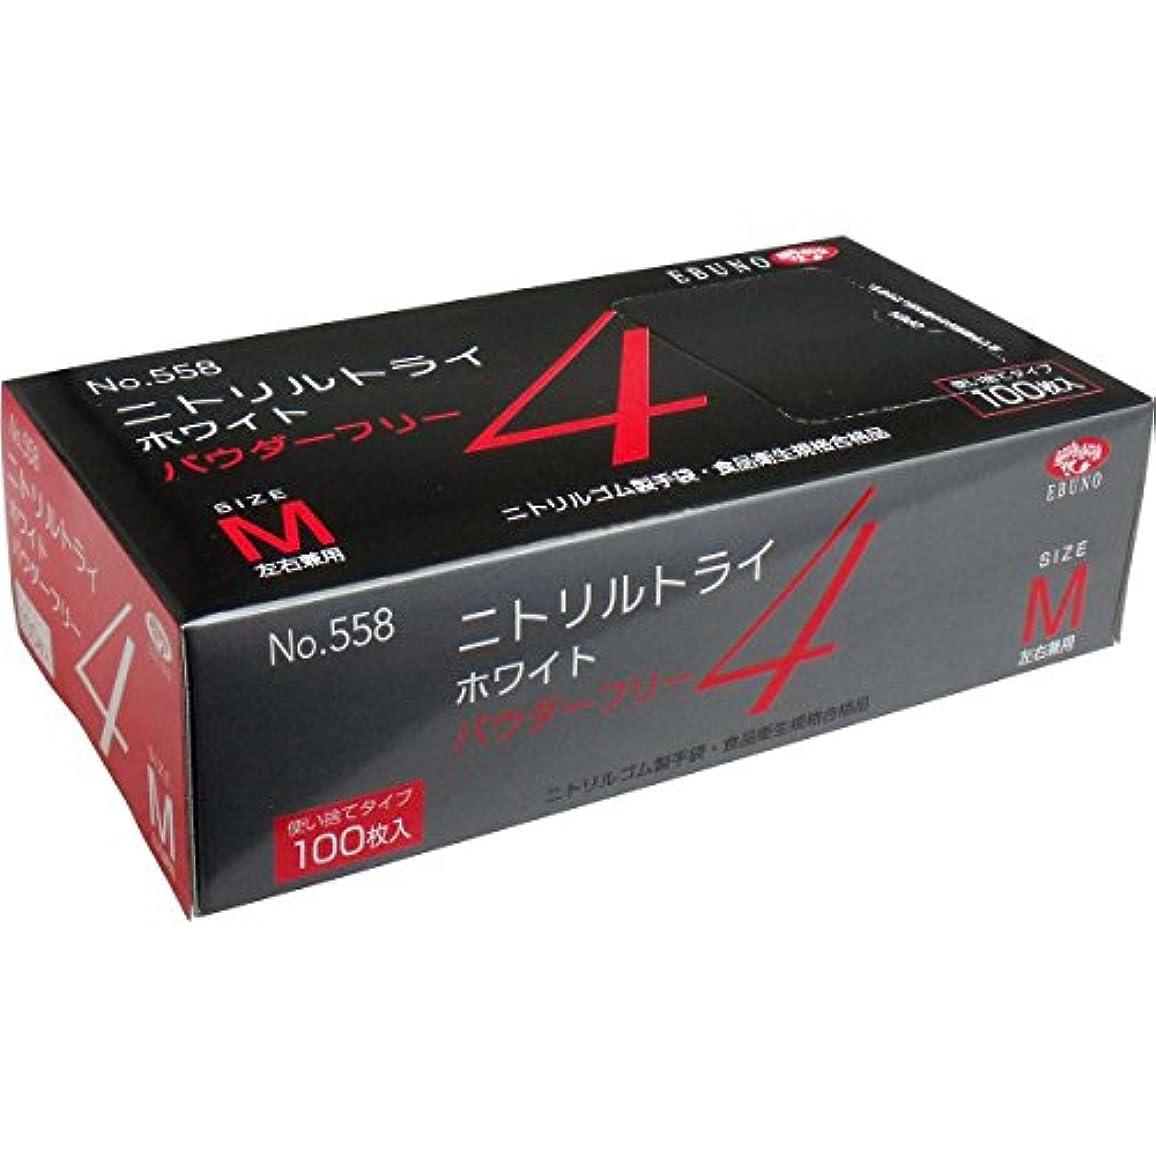 ライター錆びクリークニトリルトライ4 手袋 ホワイト パウダーフリー Mサイズ 100枚入×10個セット